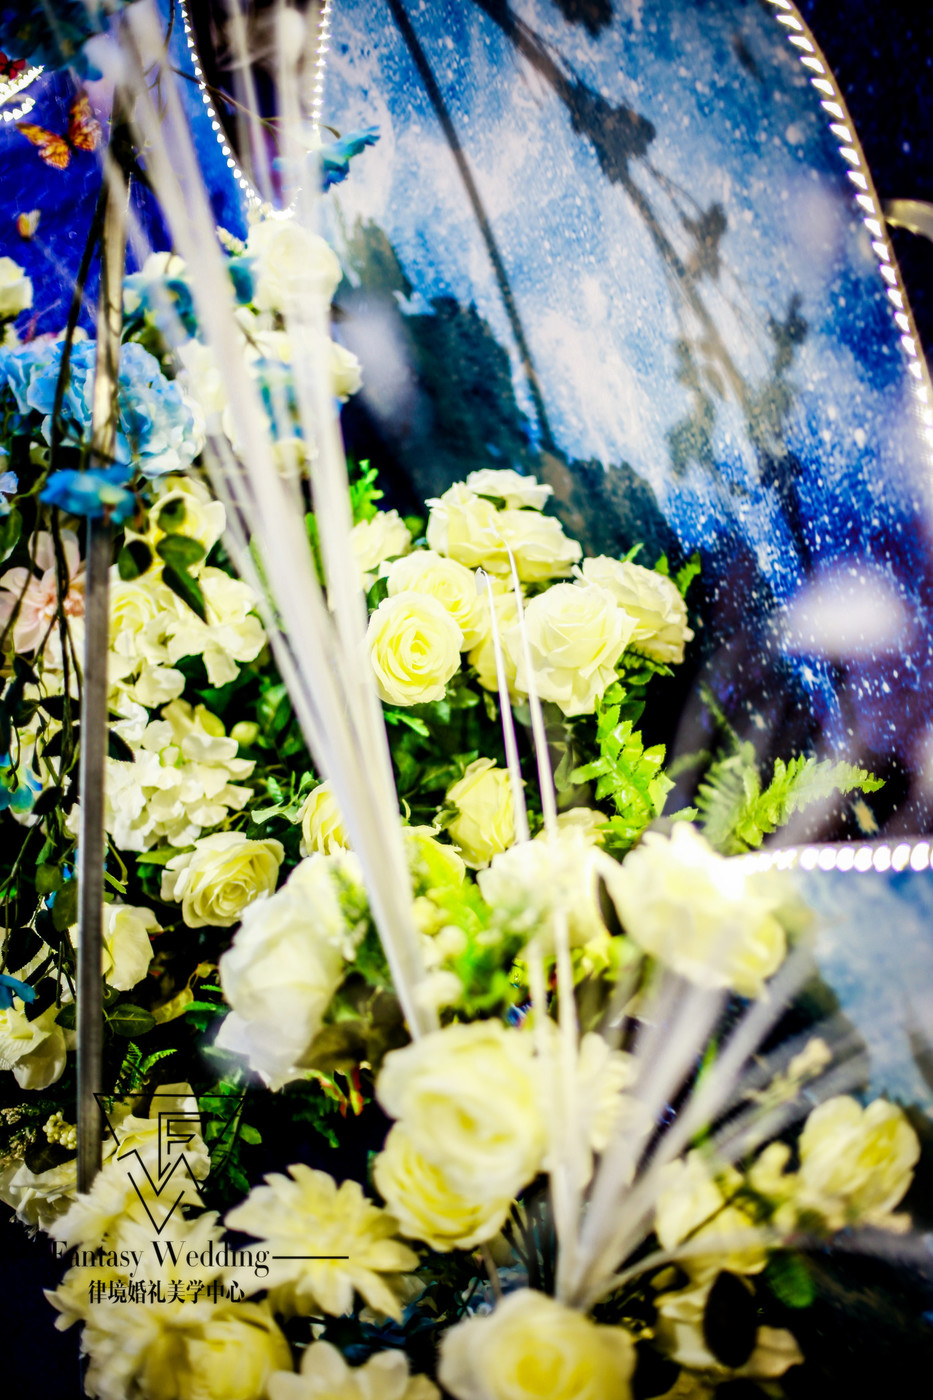 「律境婚礼」& 星空系列 S_Y7